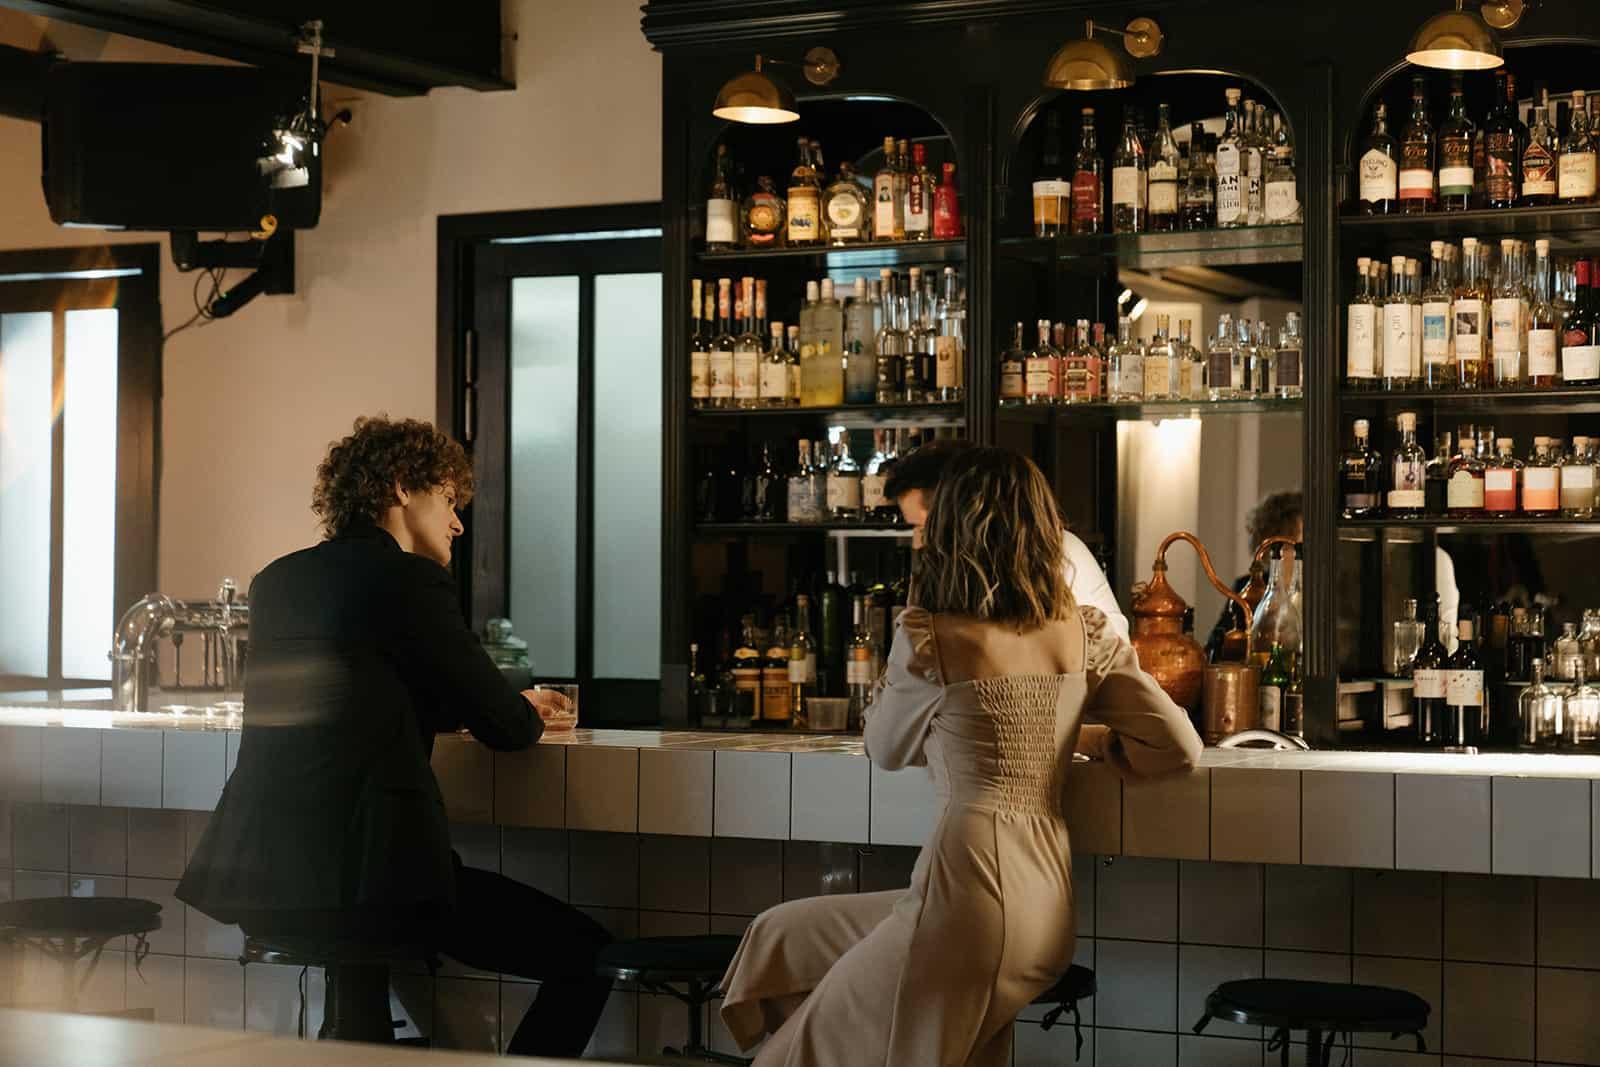 Mann spricht mit einer Frau, die an der Theke sitzt und etwas trinkt